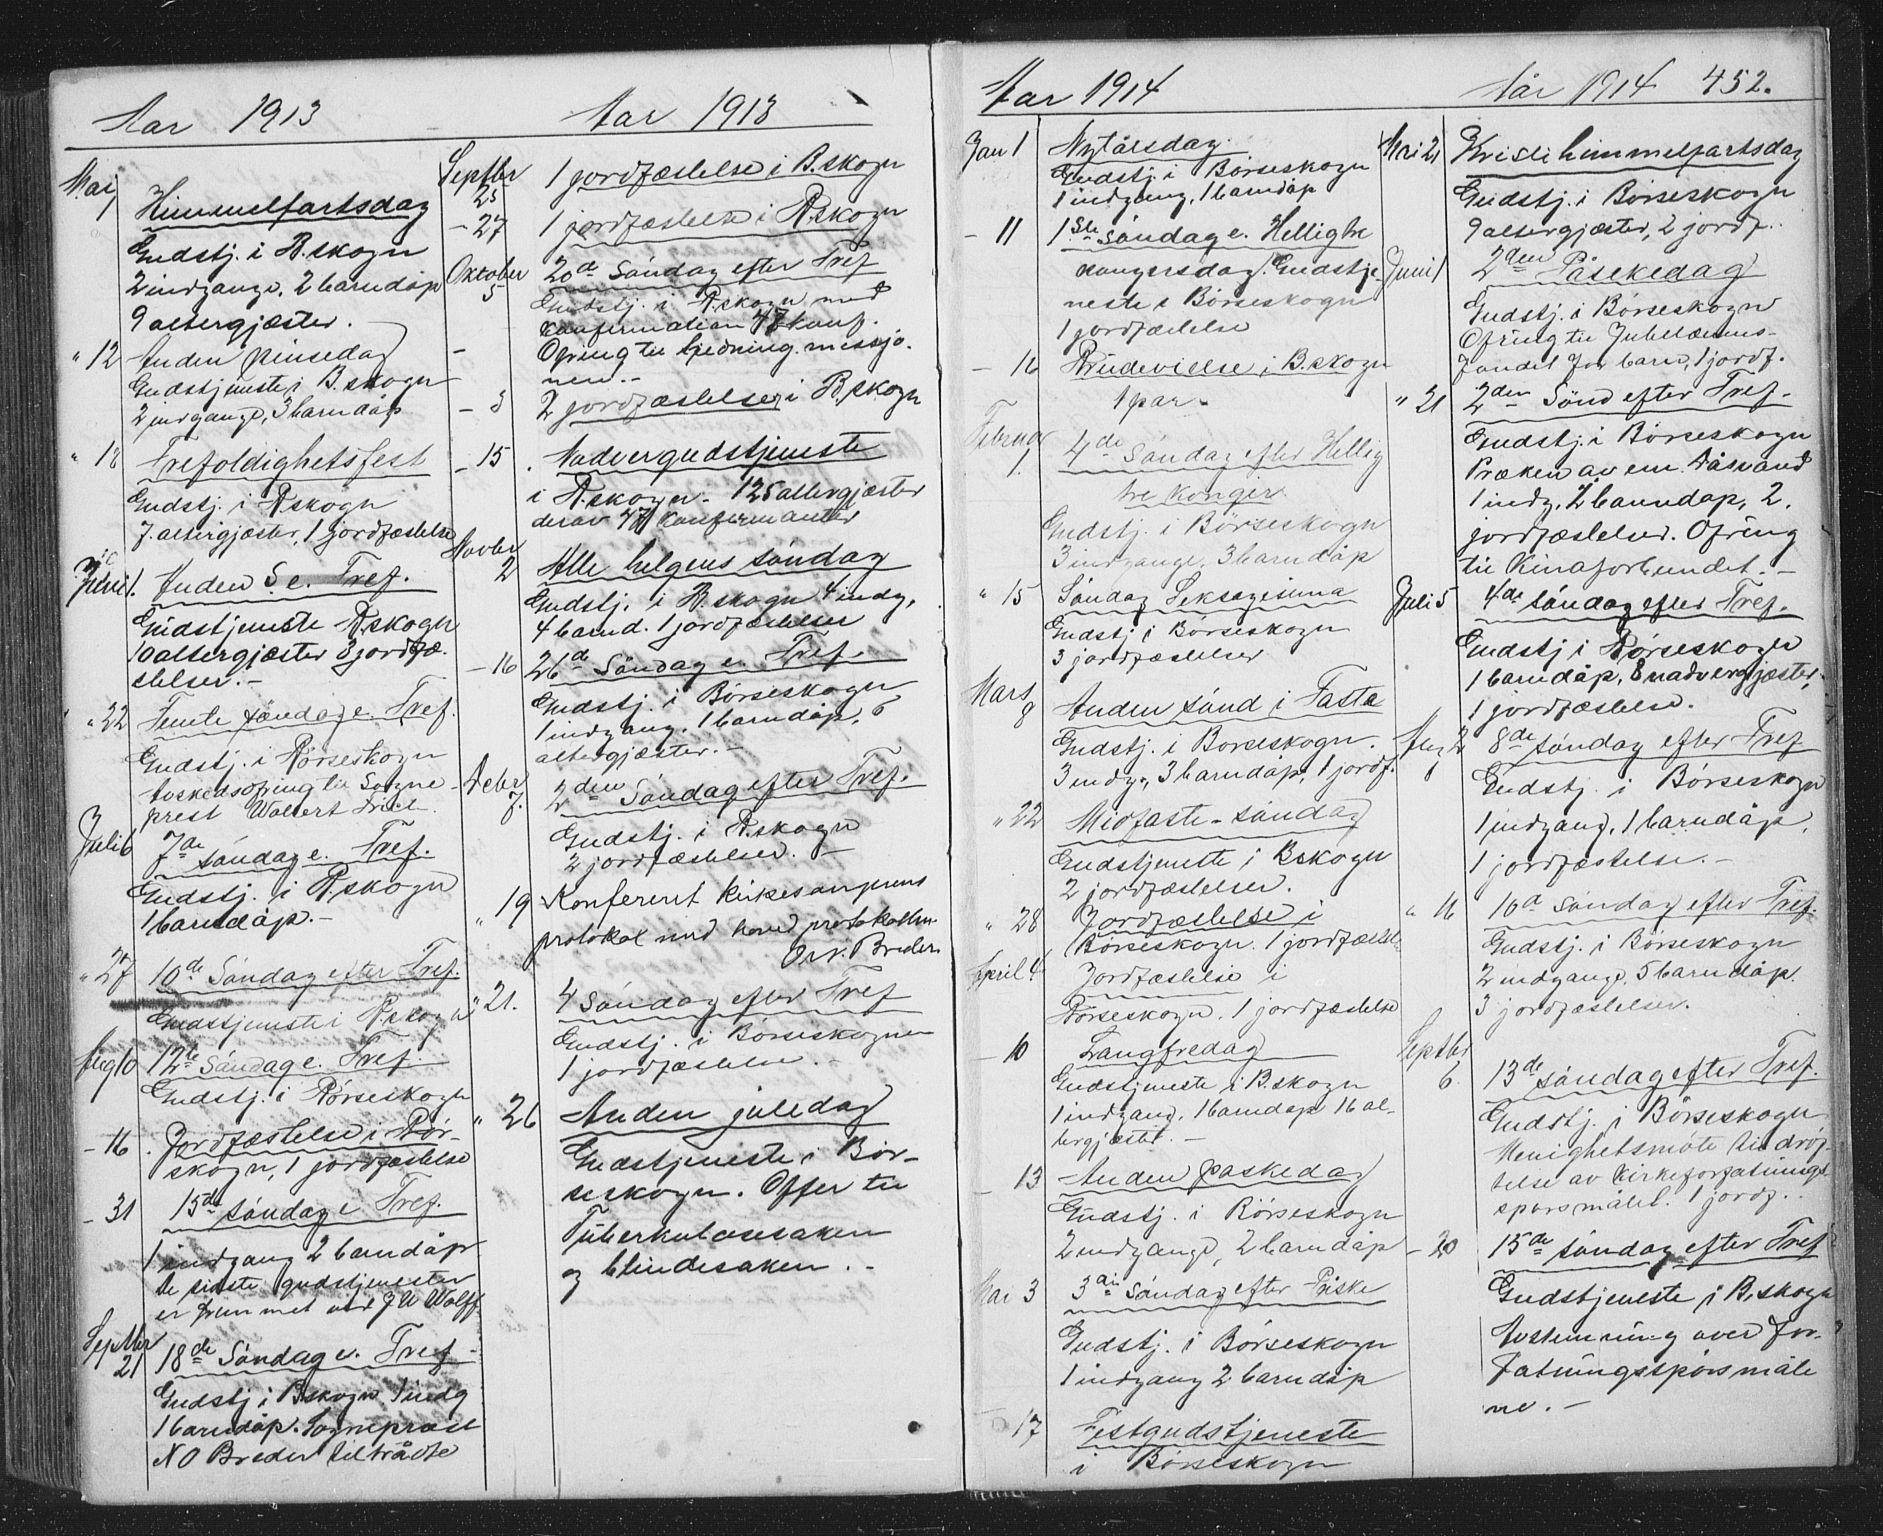 SAT, Ministerialprotokoller, klokkerbøker og fødselsregistre - Sør-Trøndelag, 667/L0798: Klokkerbok nr. 667C03, 1867-1929, s. 452